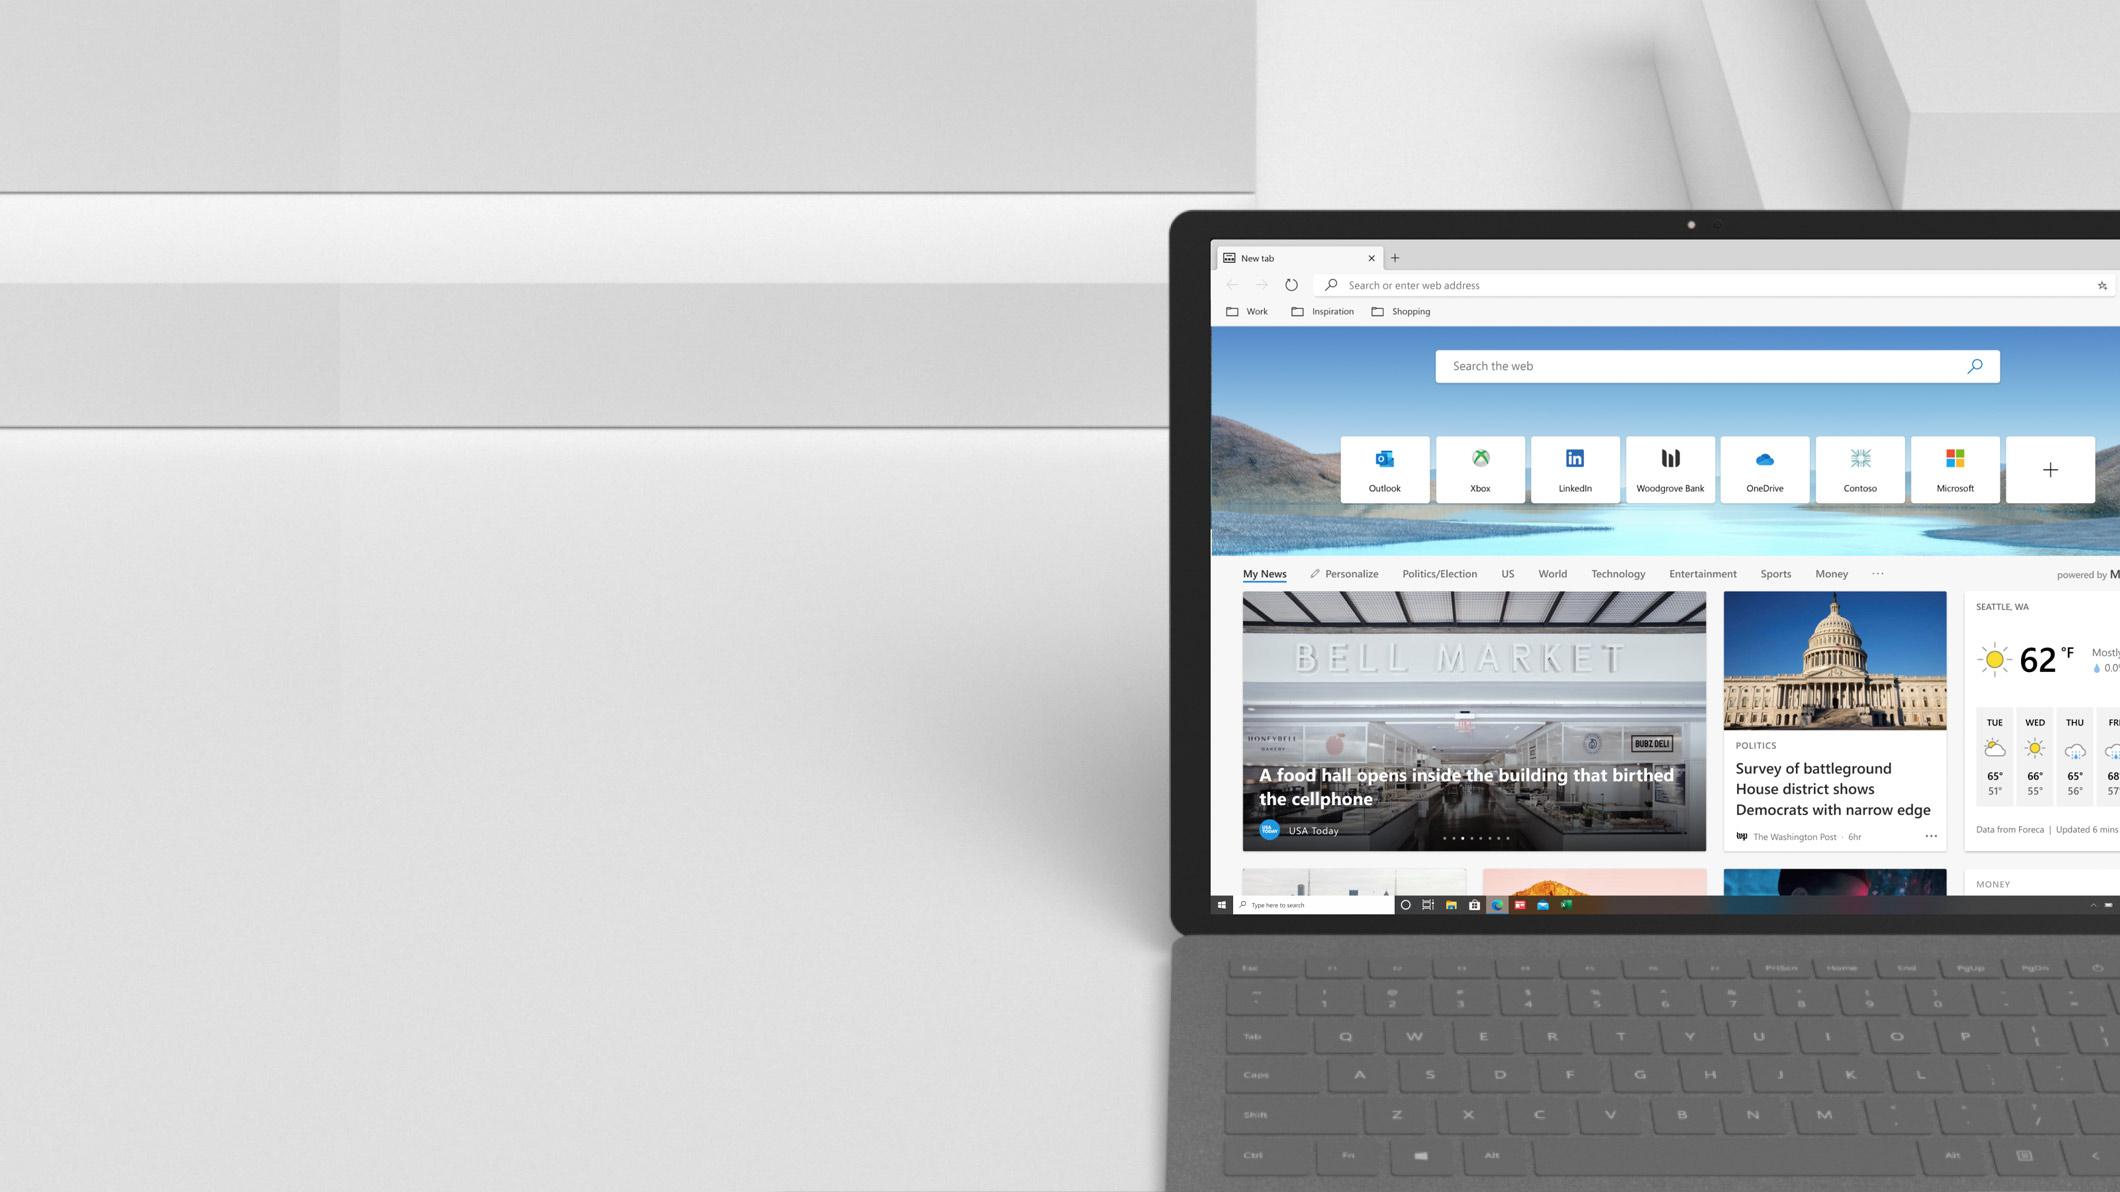 Microsoft News-Startseite auf einem Laptop angezeigt